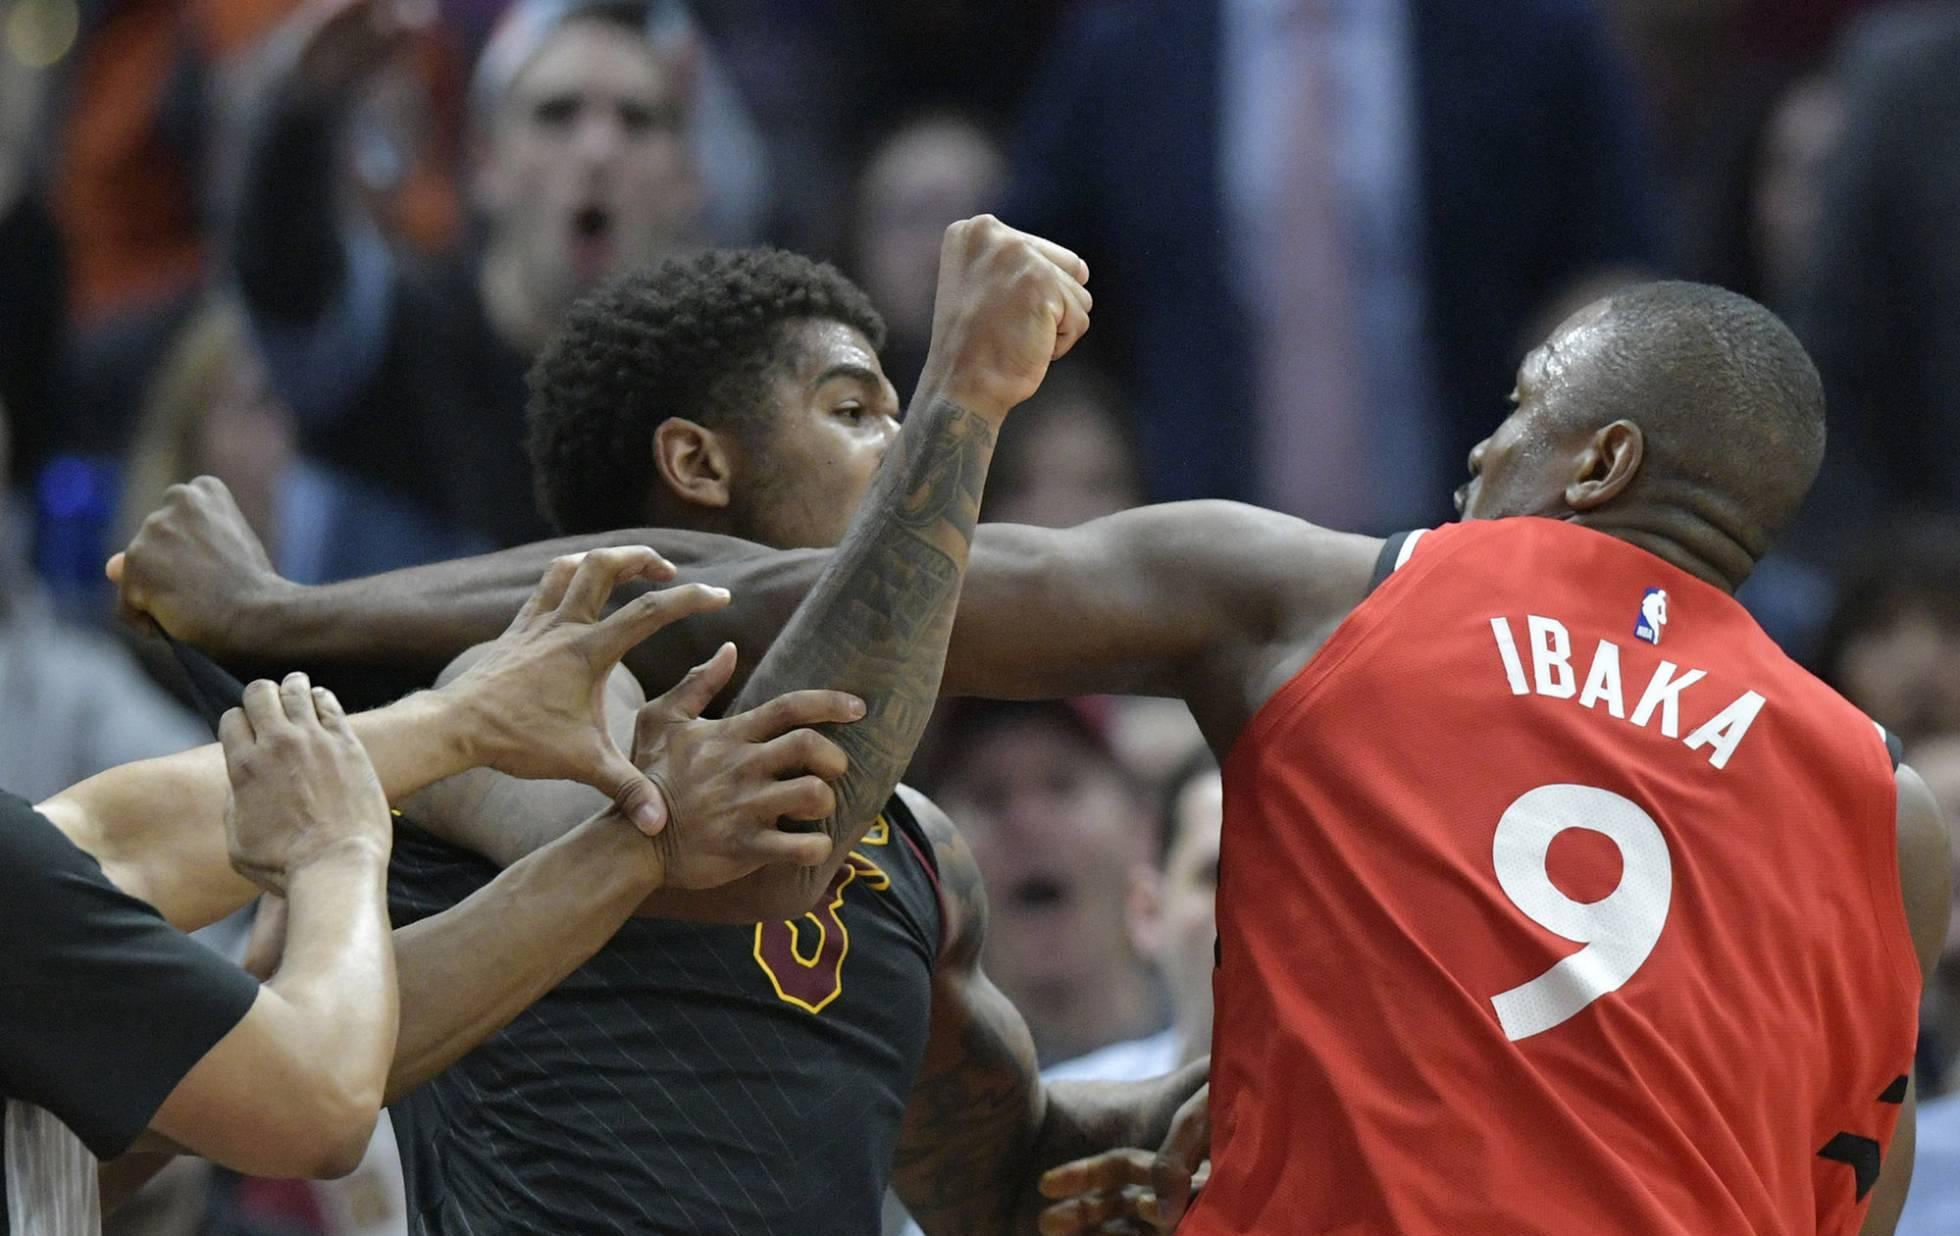 Ibaka pierde los estribos y se lía a puñetazos con Chriss